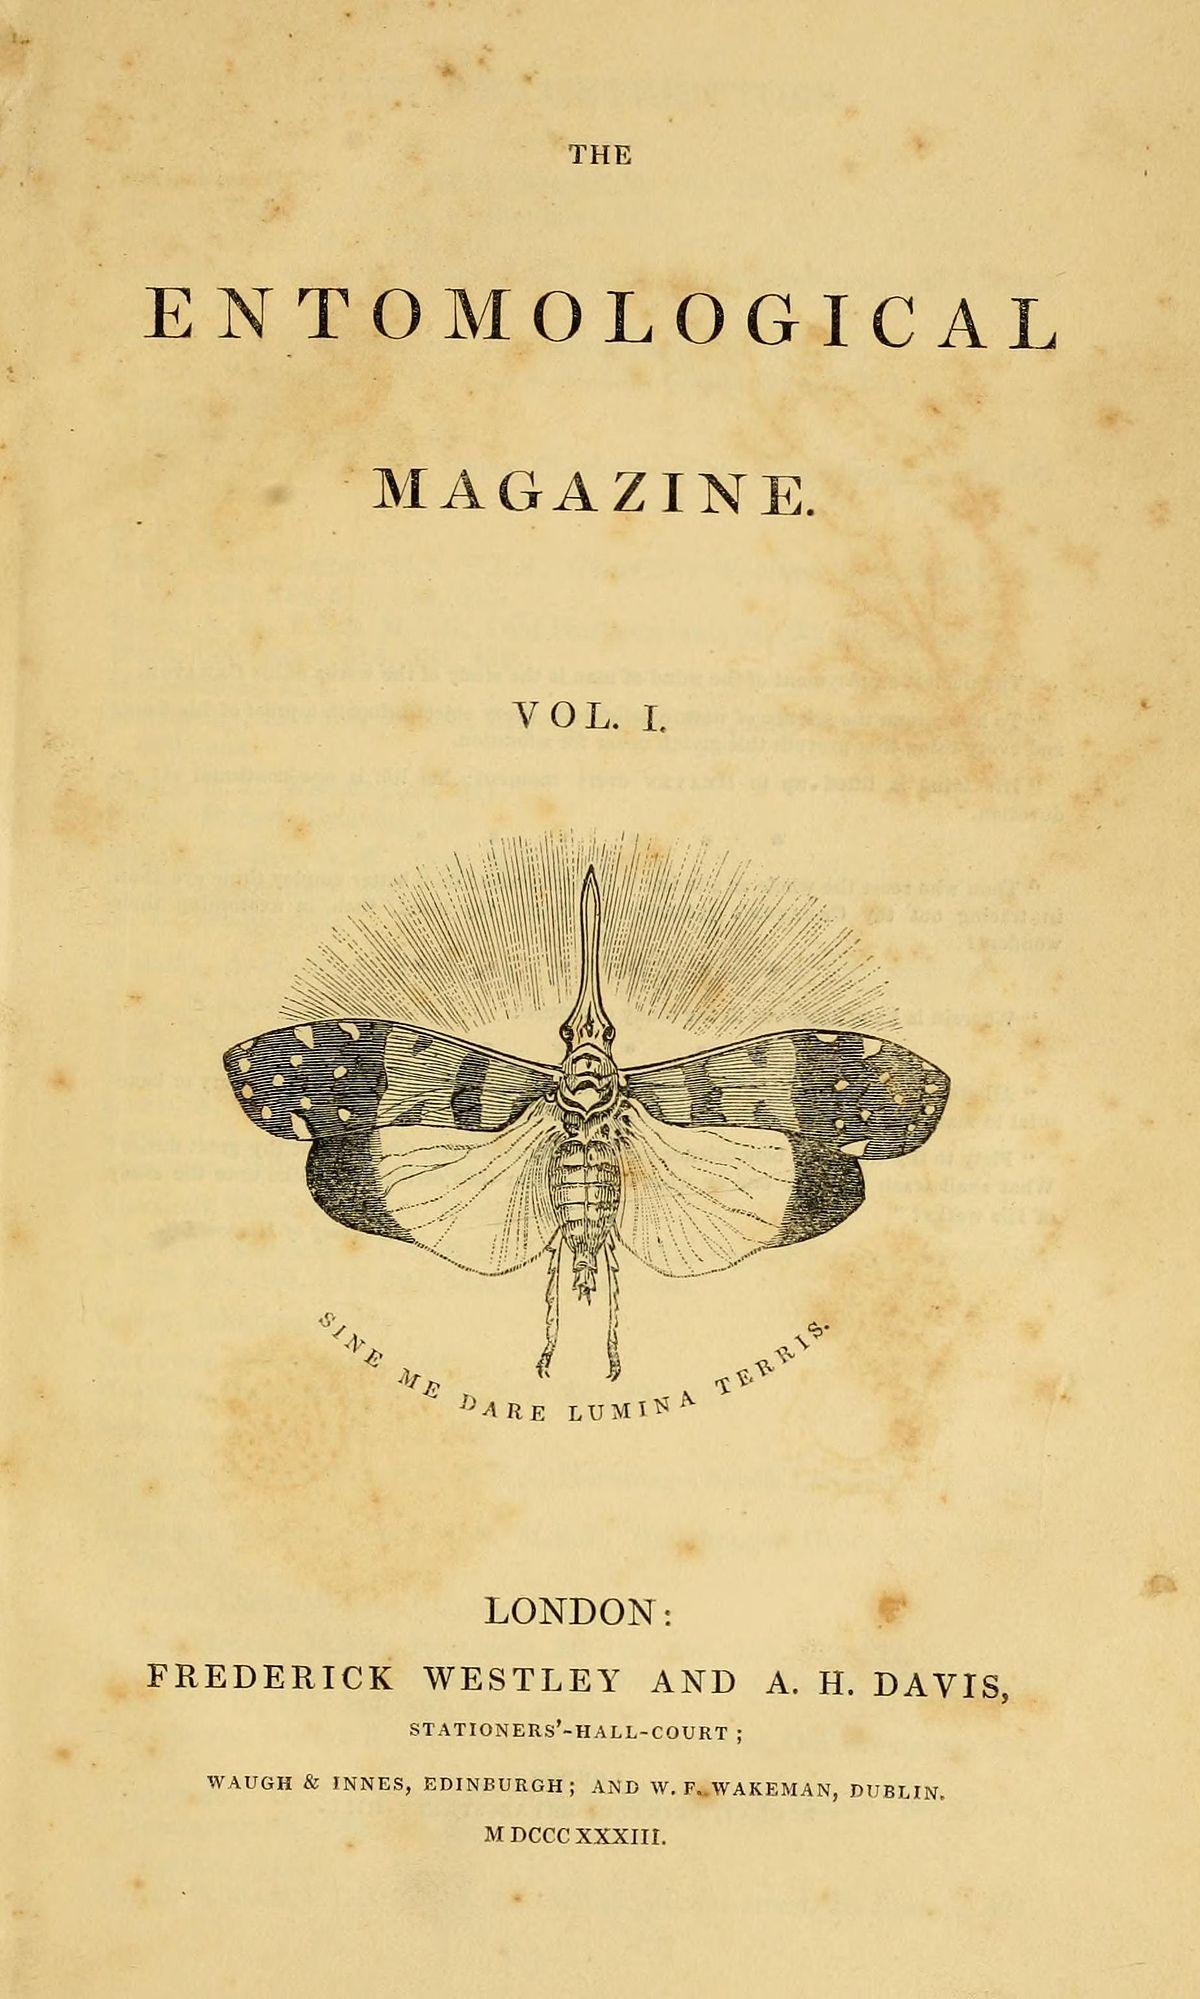 Entomological Magazine - Wikipedia